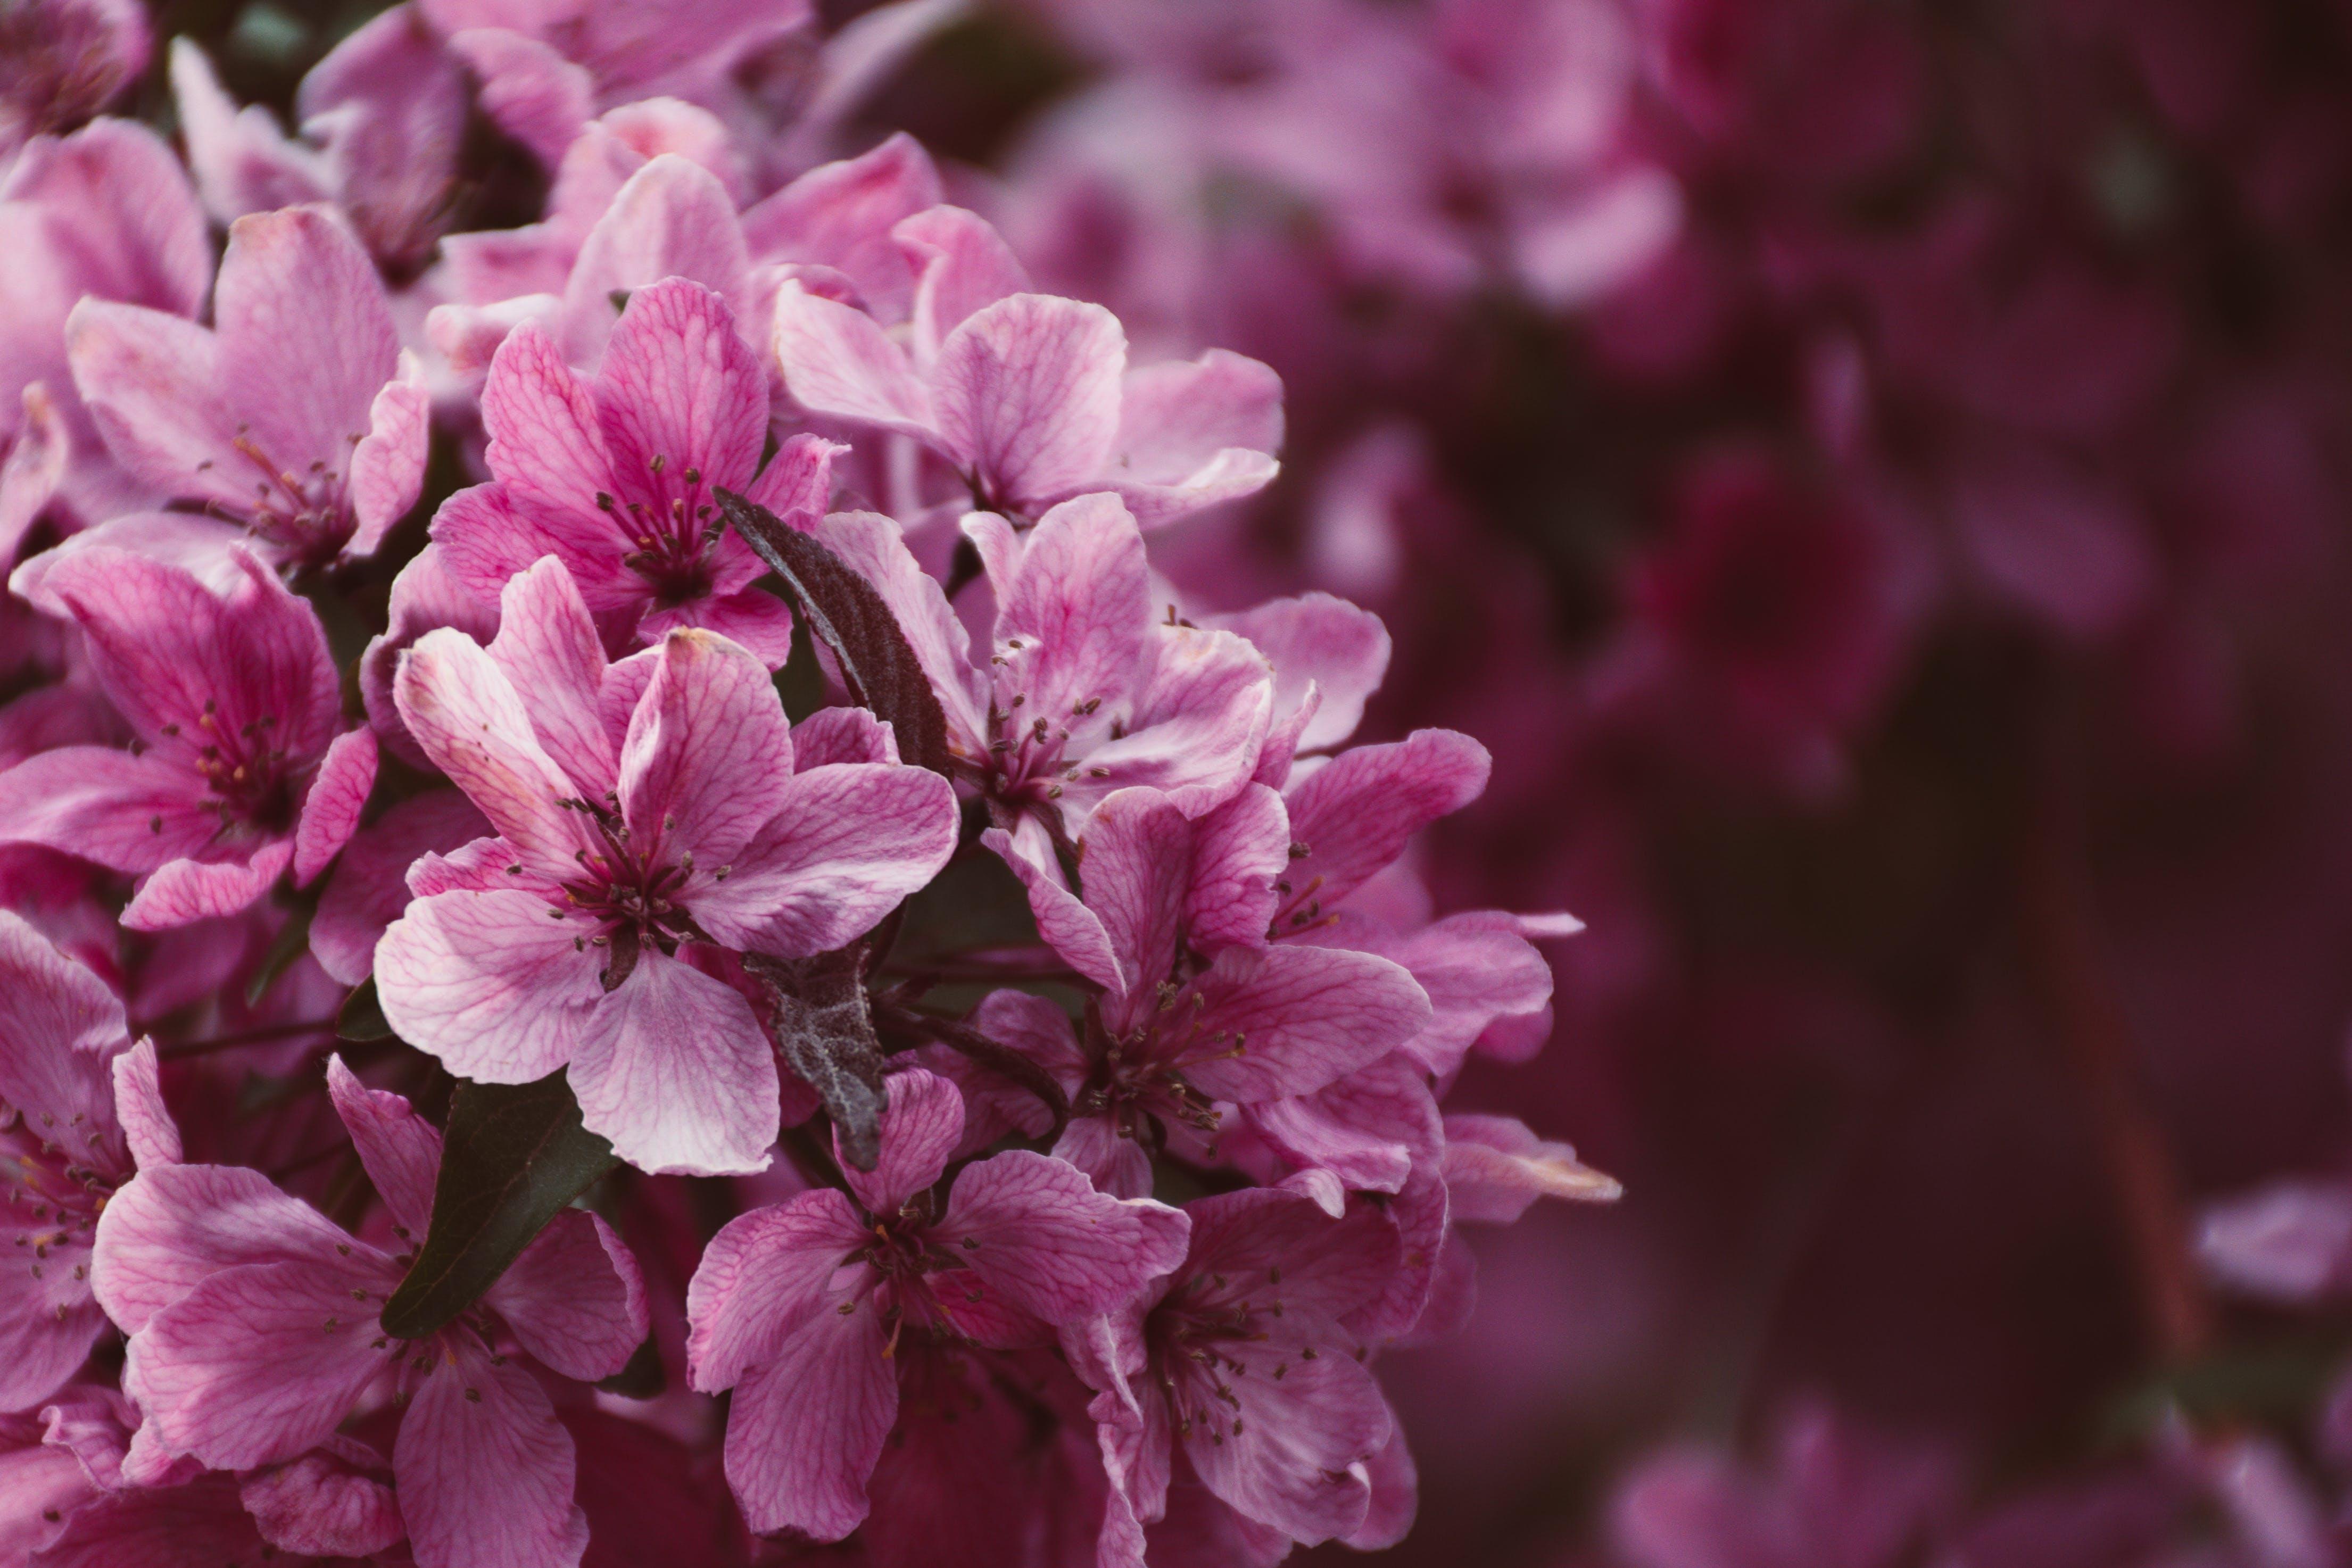 Ingyenes stockfotó közelkép, növényvilág, szirmok, virágok témában